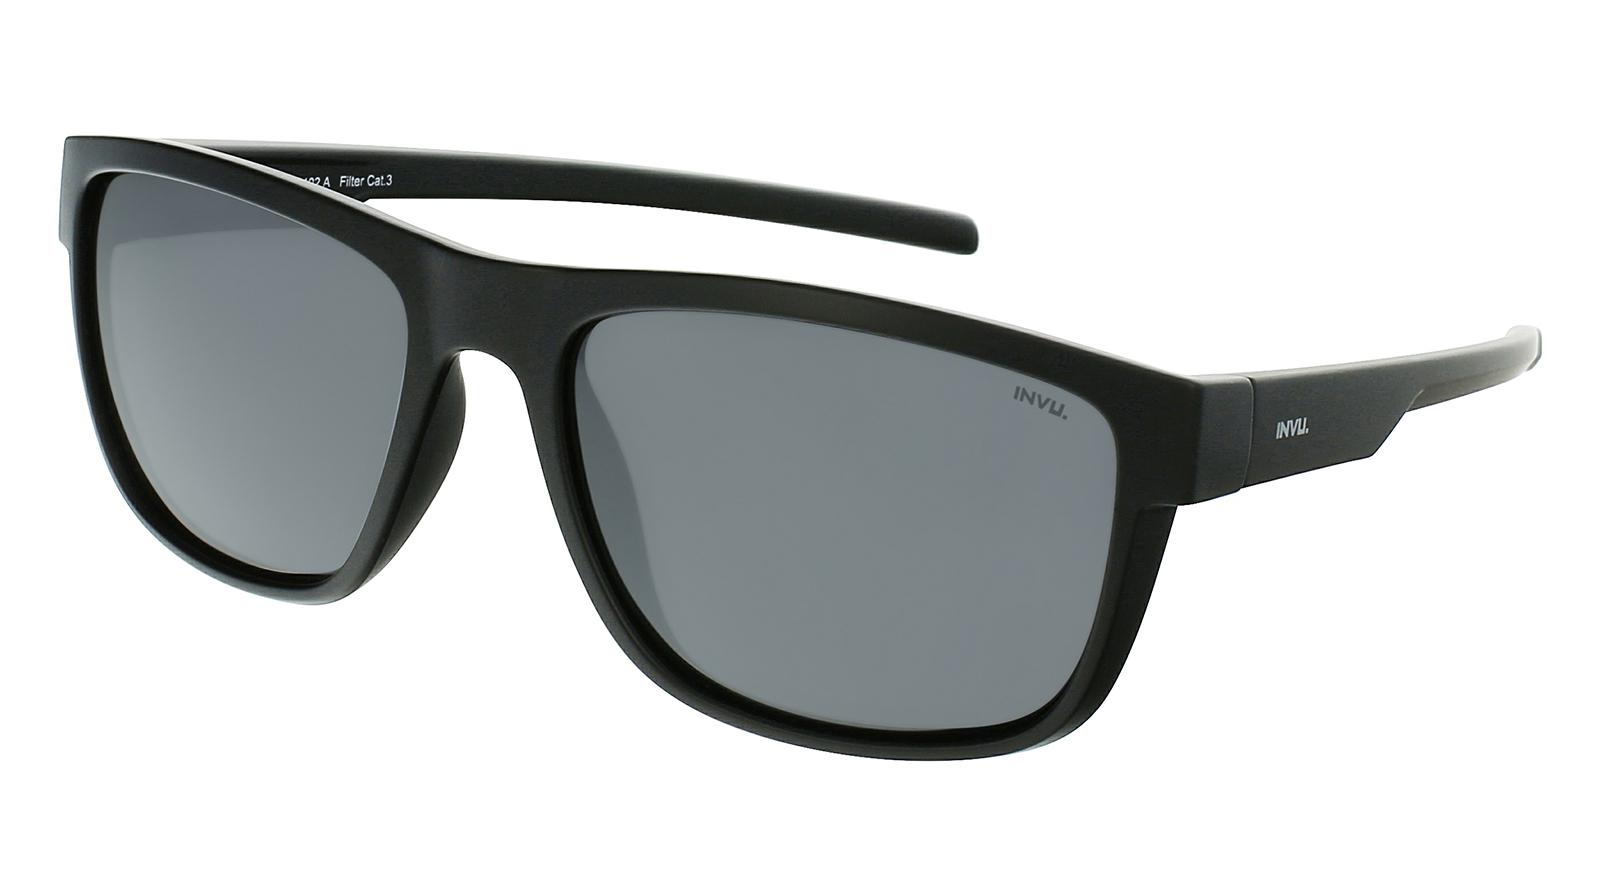 INVU férfi napszemüveg A2102 A